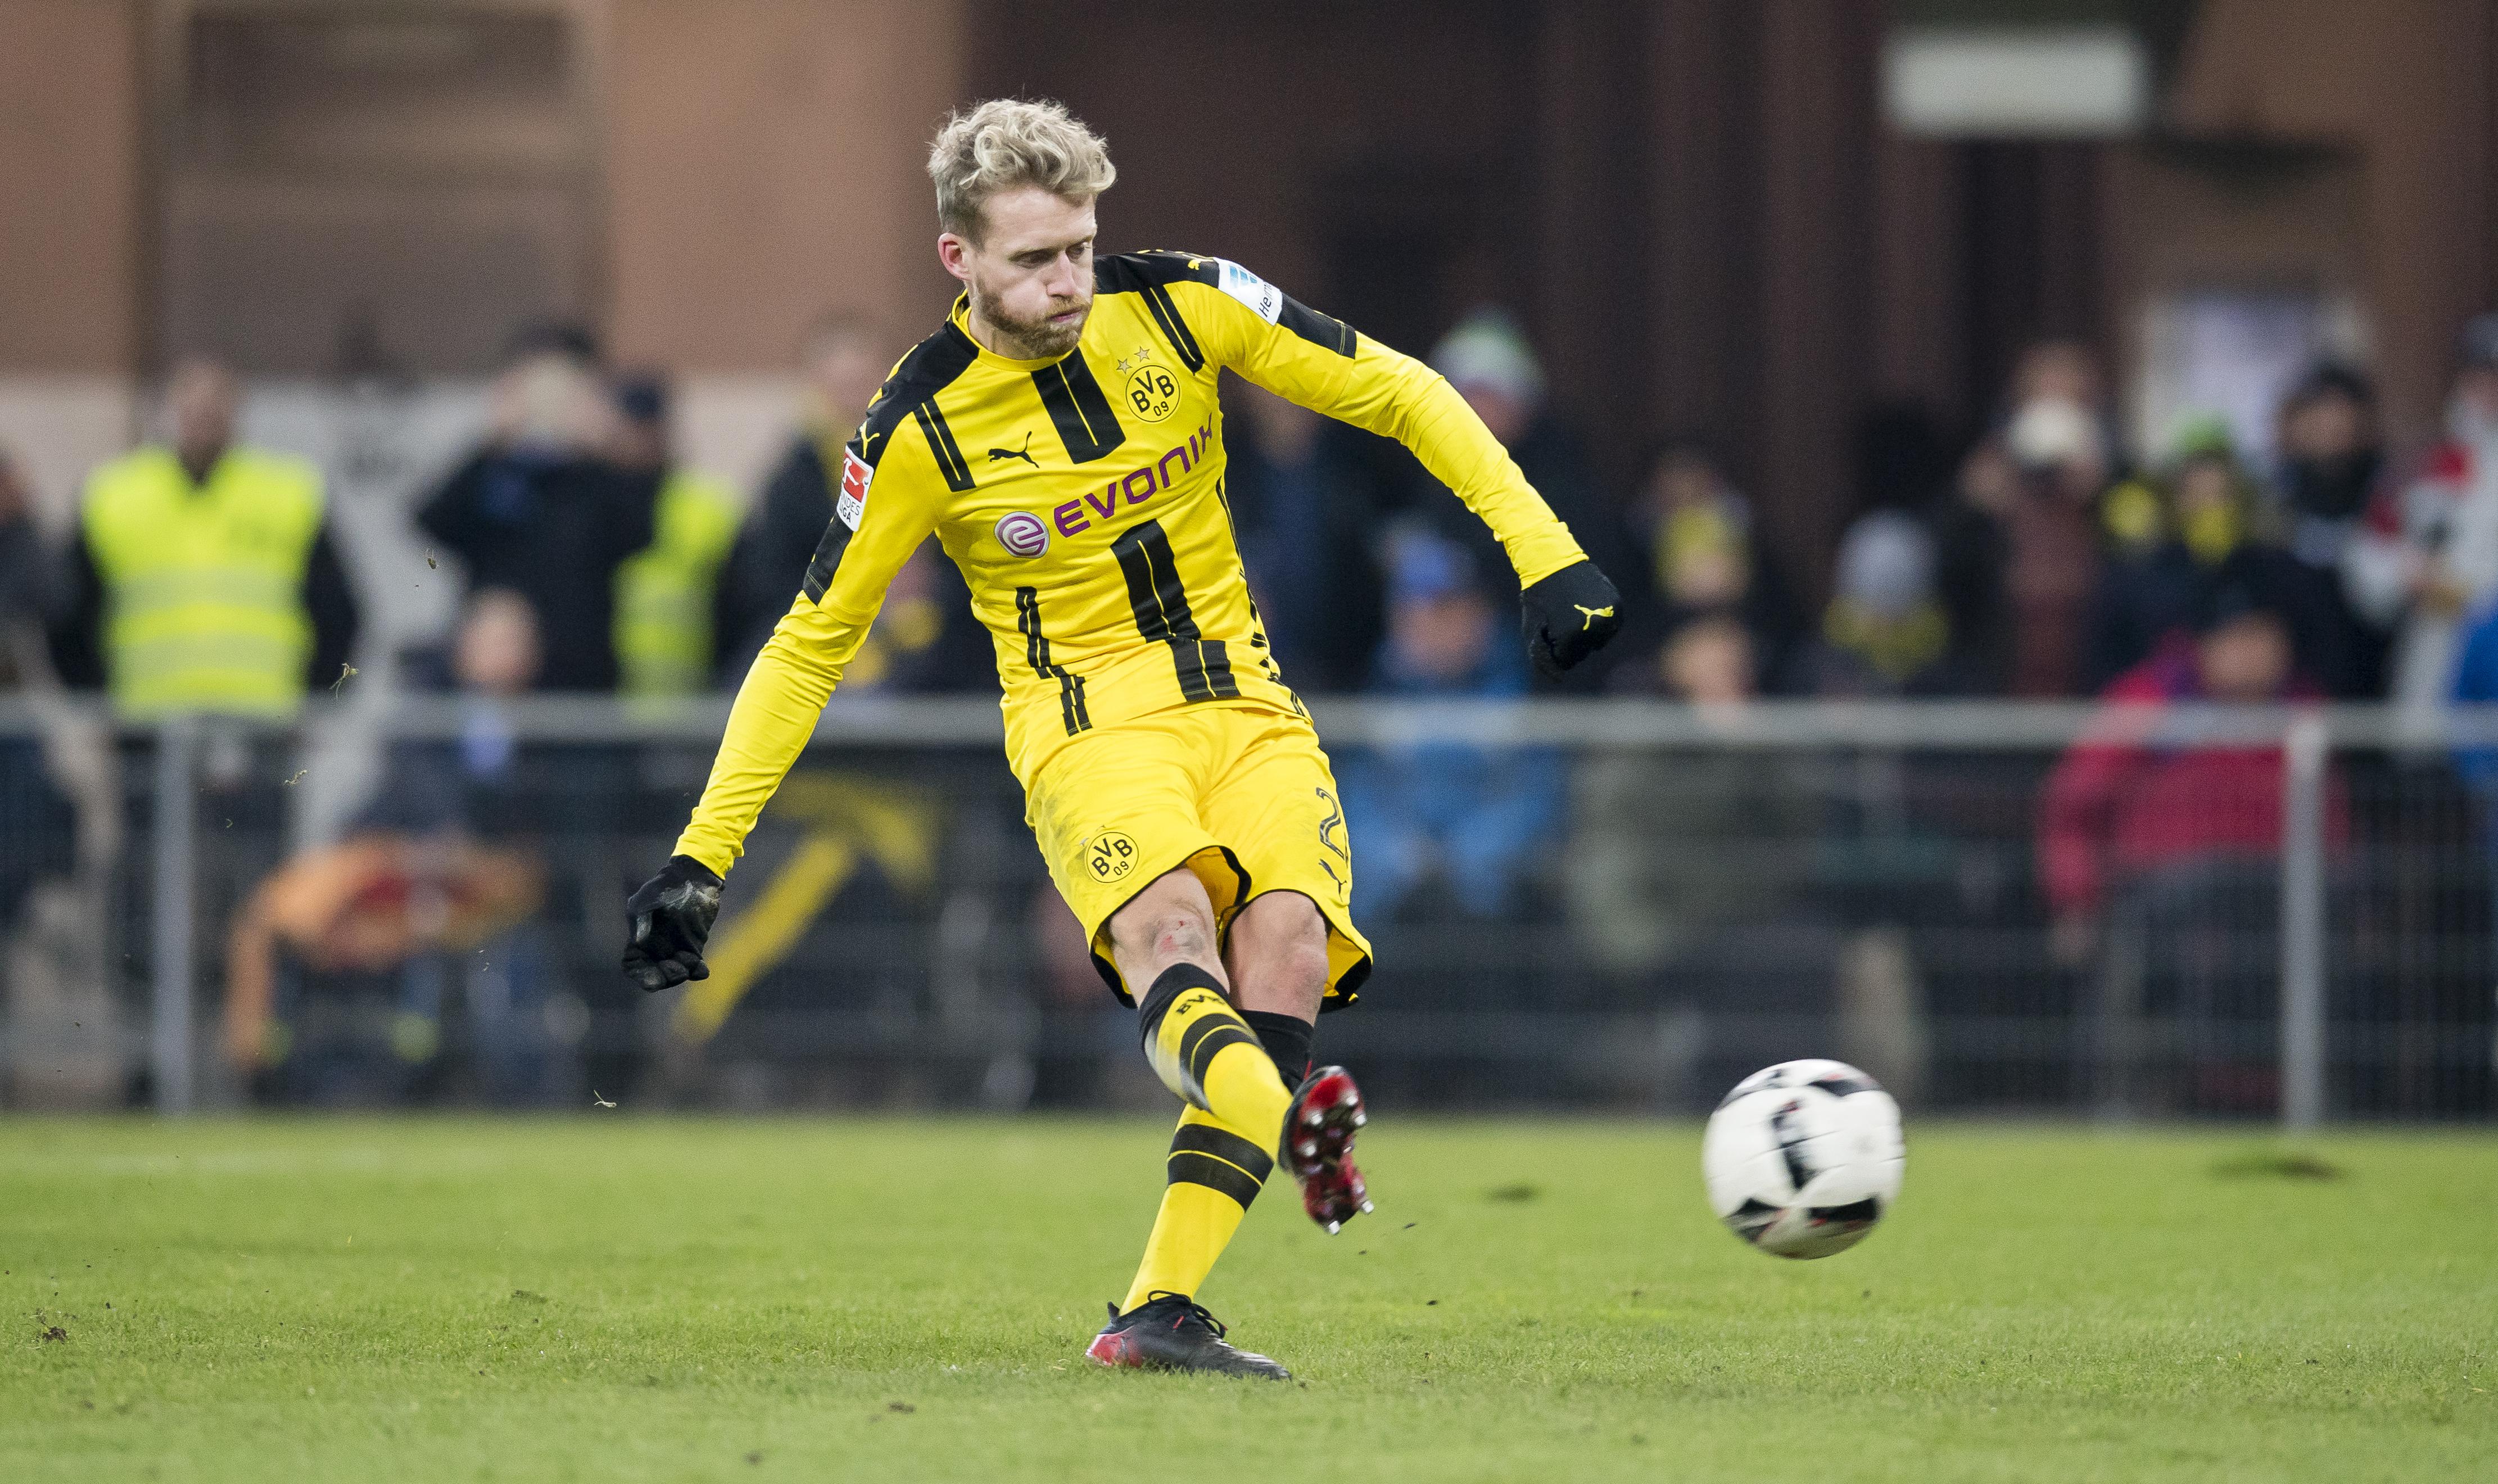 Dortmund Paderborn Tickets